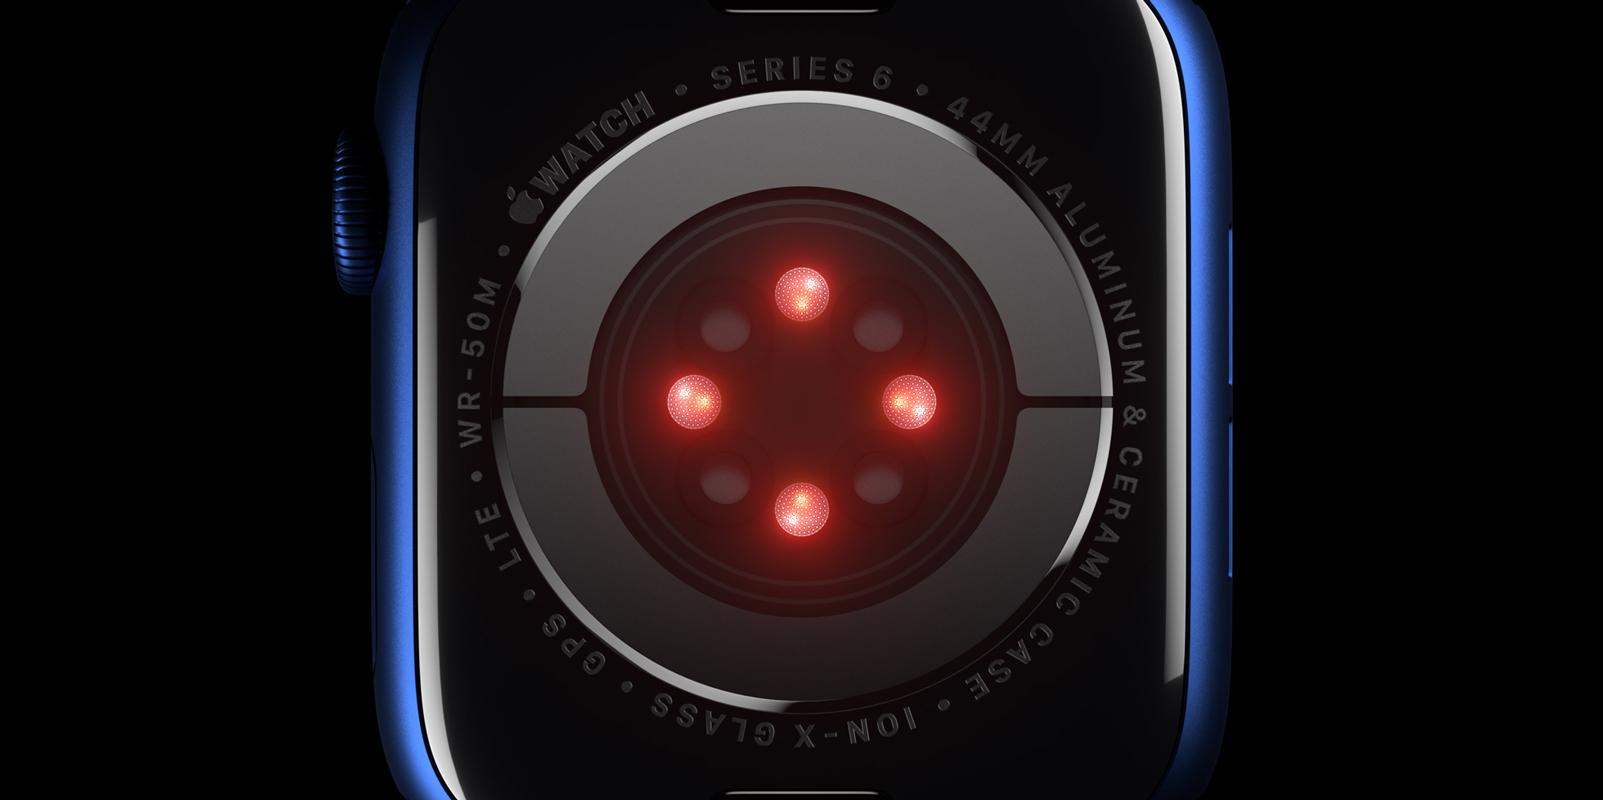 czujniki w apple watch series 6